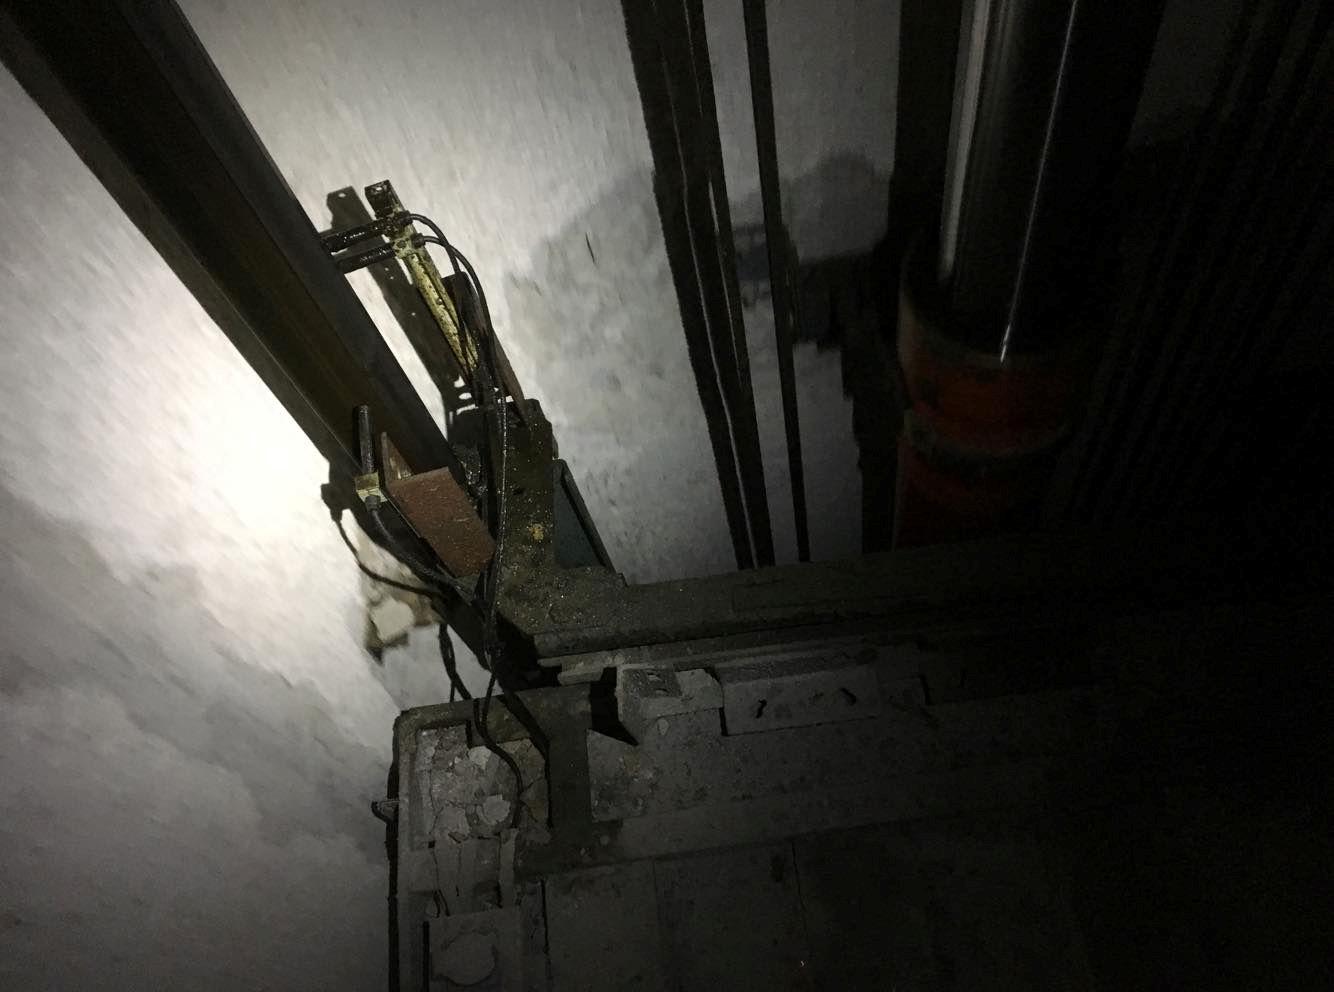 εγκατασταση ασανσερ πειραιας (2)